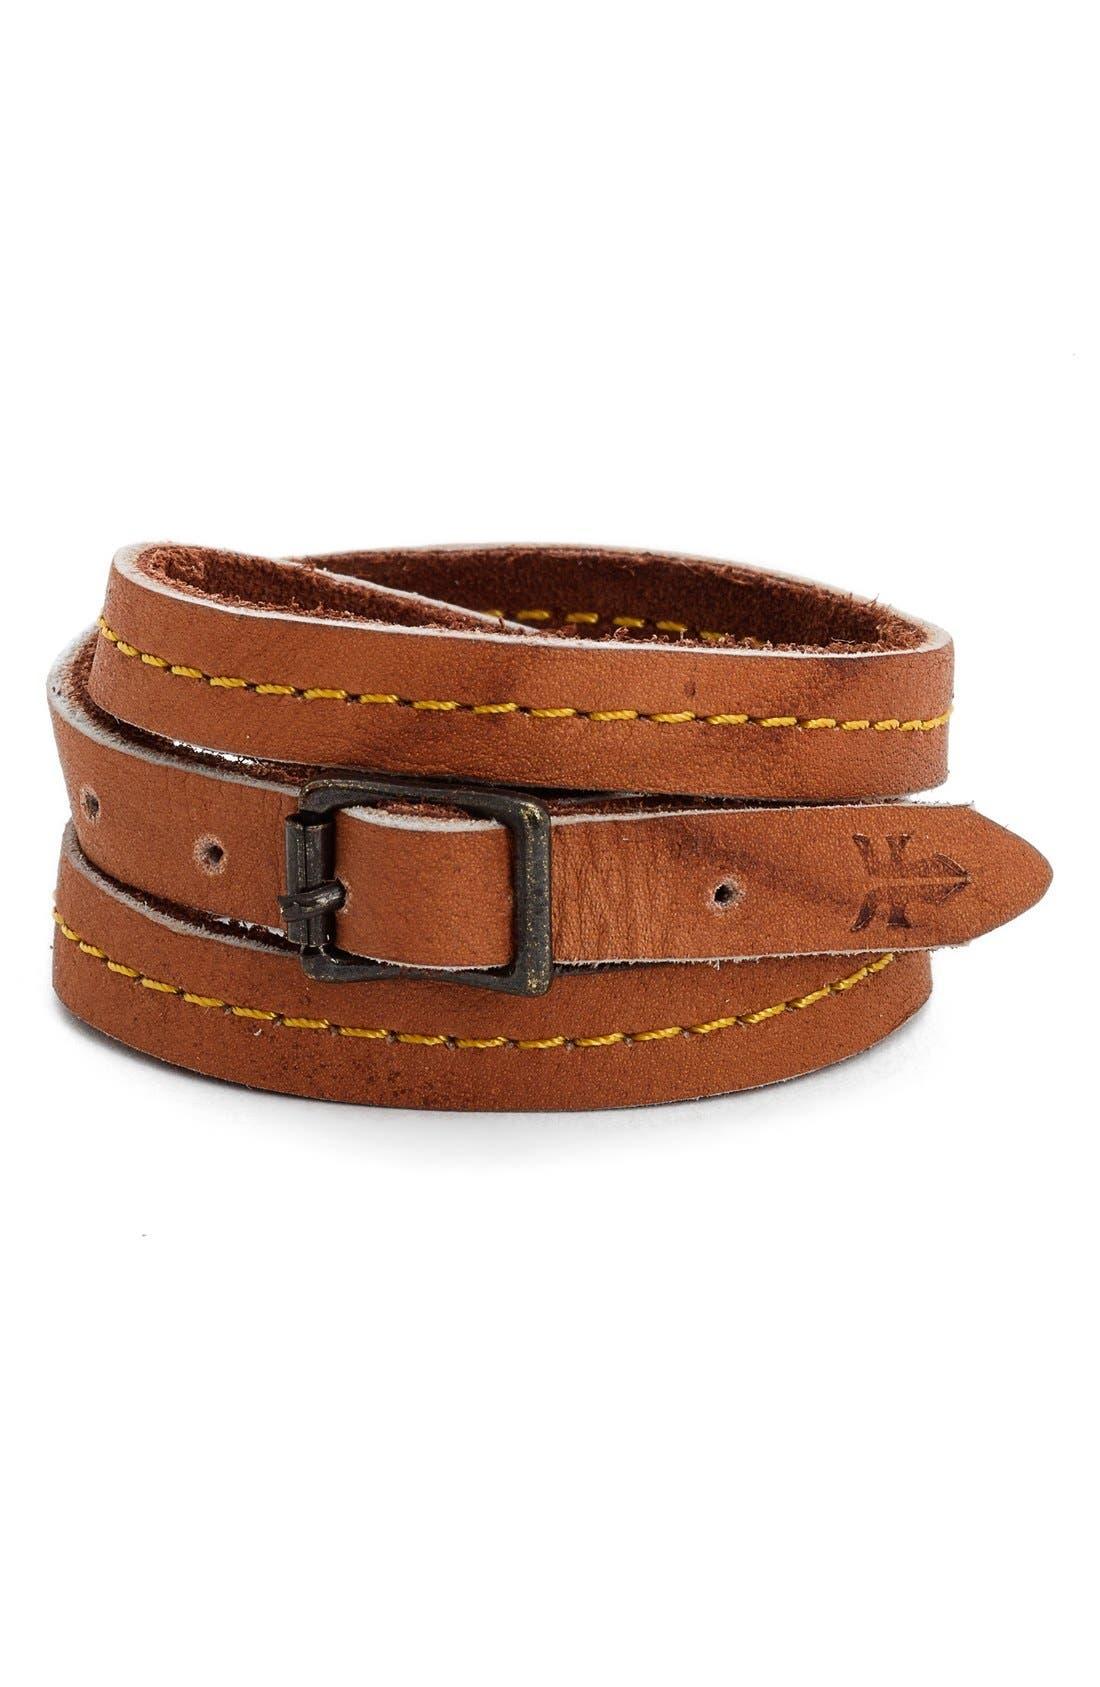 Main Image - Frye 'Campus' Leather Wrap Bracelet